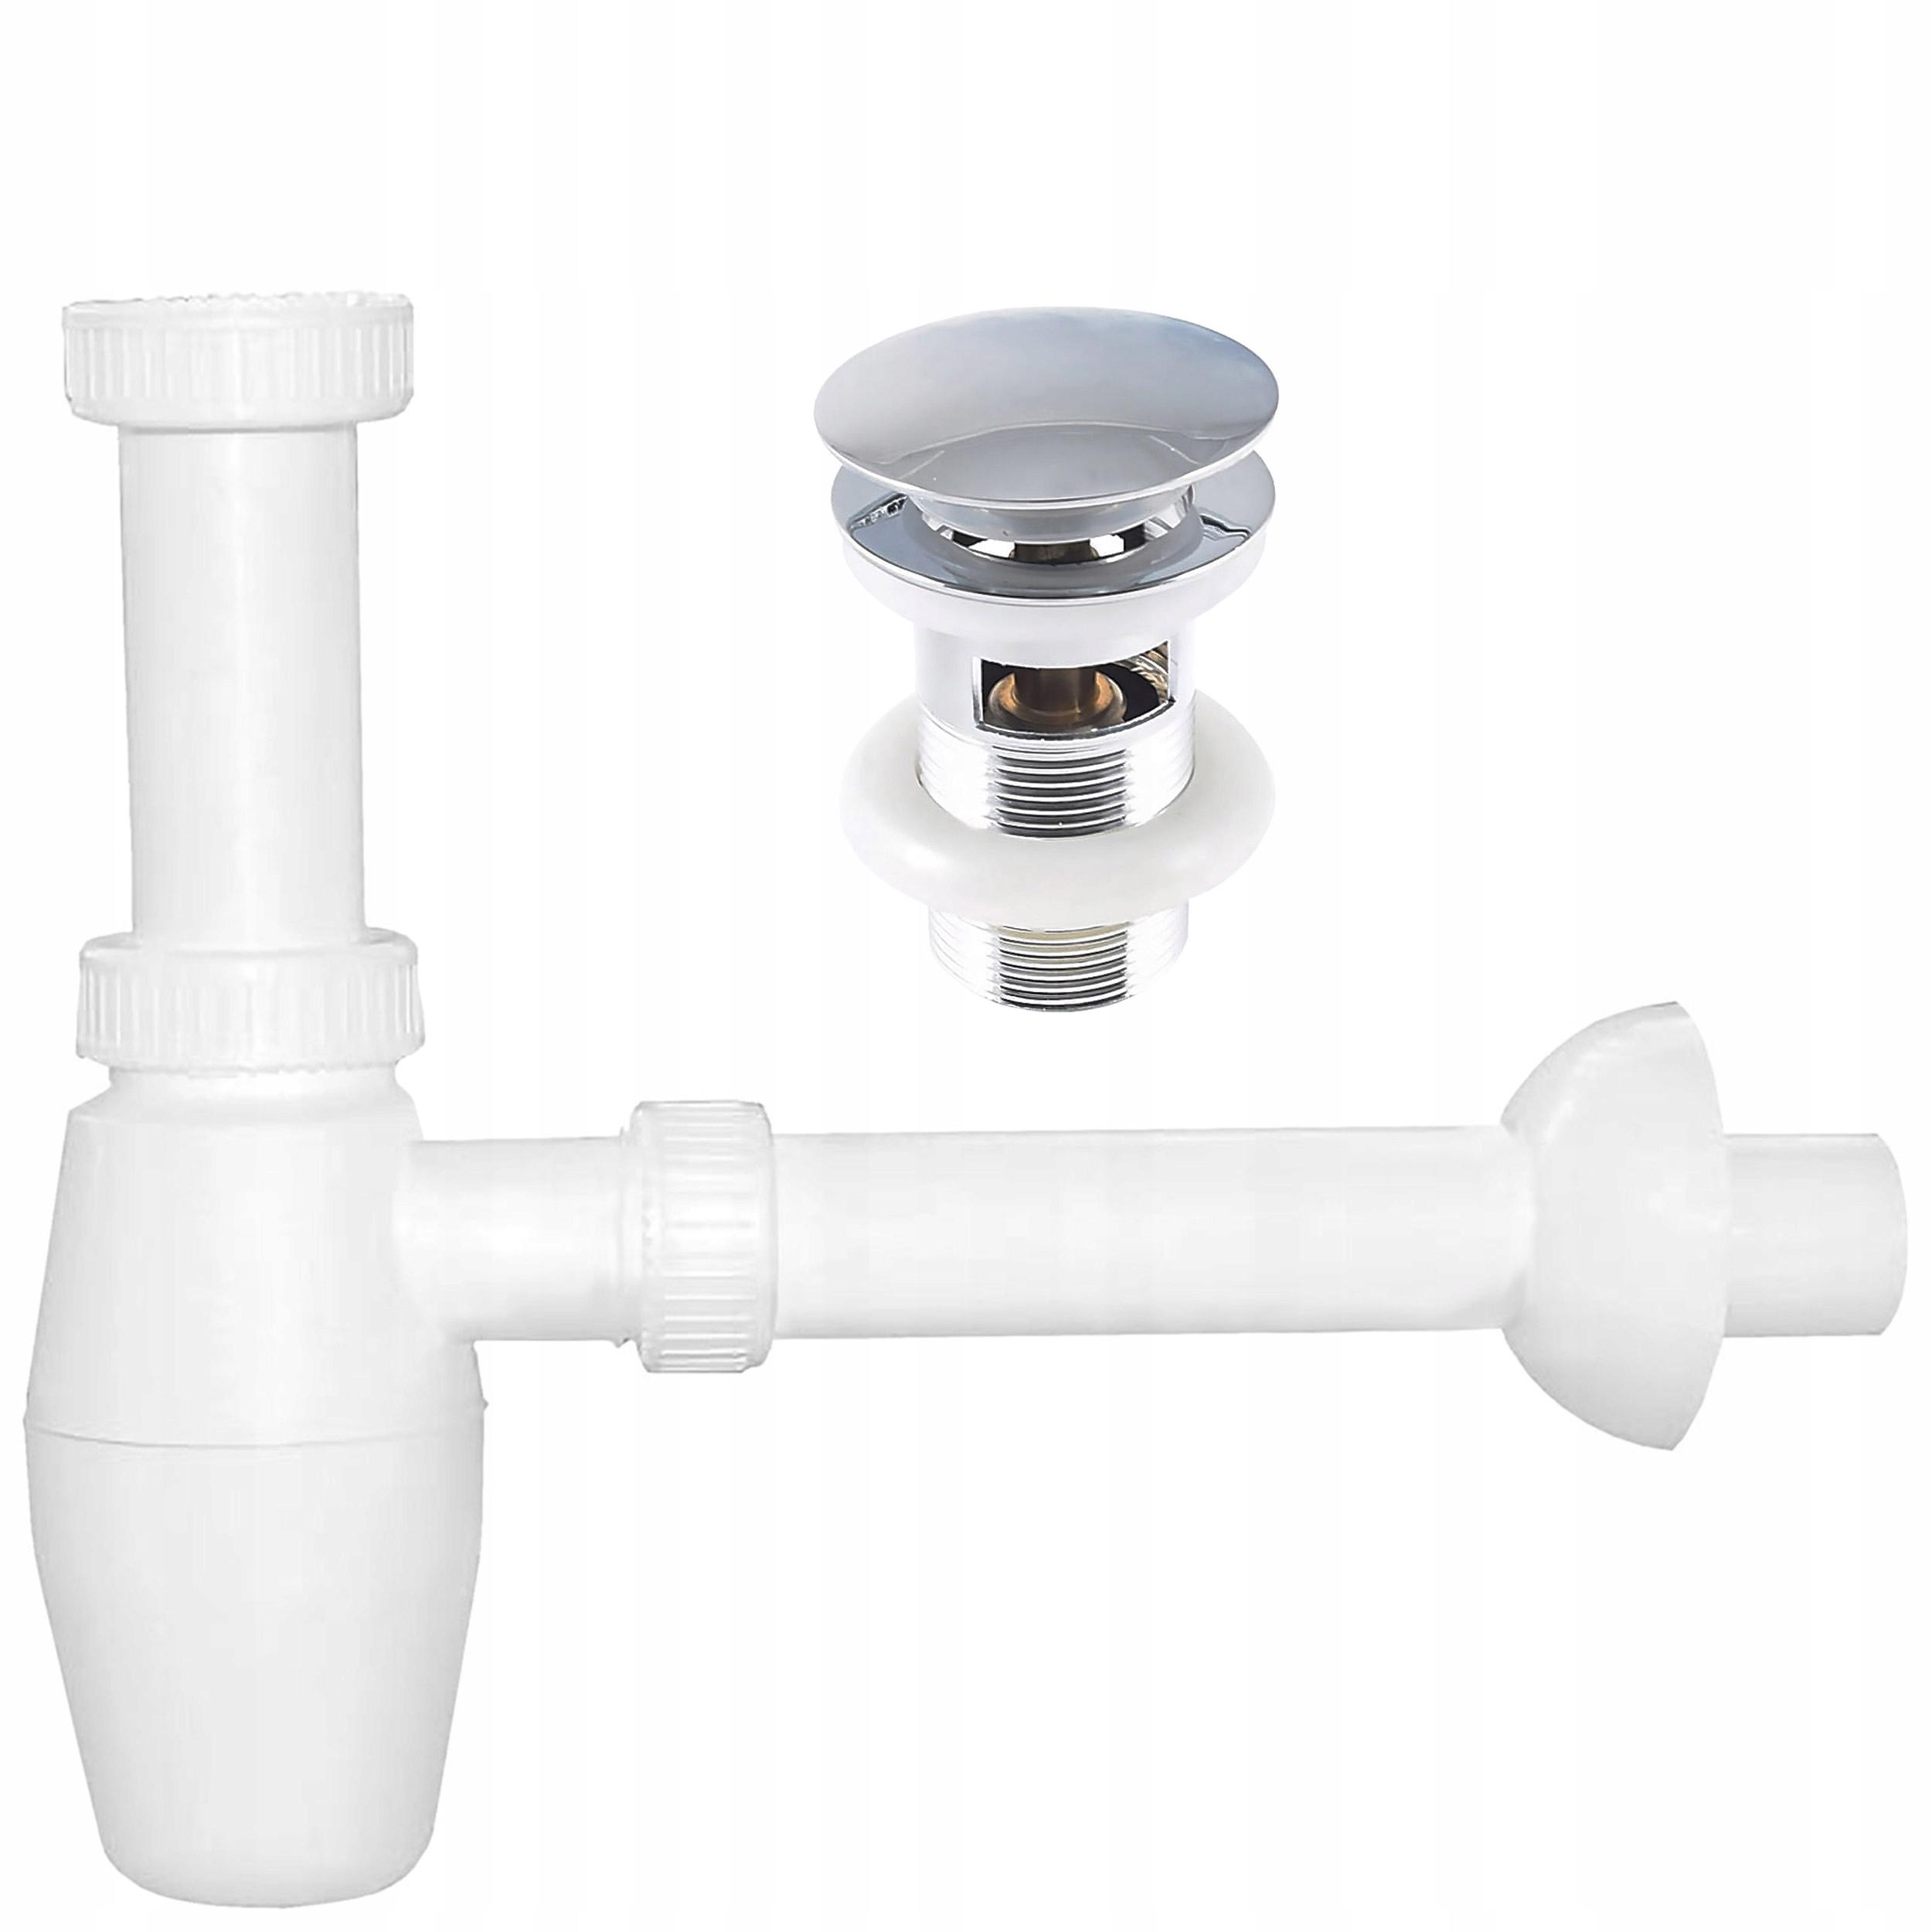 Zestaw syfon do umywalki z korkiem click-clack